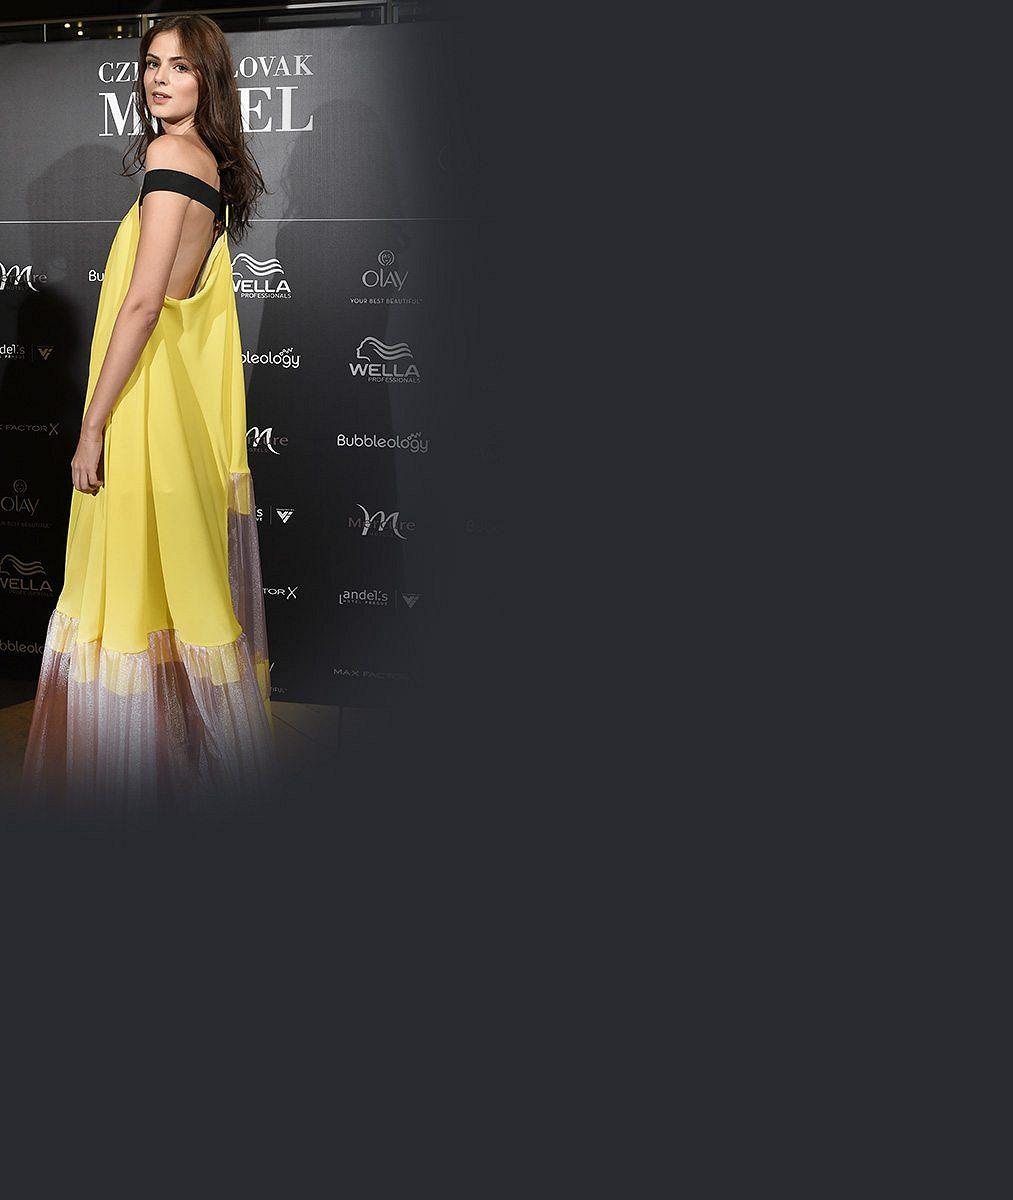 Celebrity se vykašlaly na zahraniční značky ana jedné akci podpořily domácí tvůrce